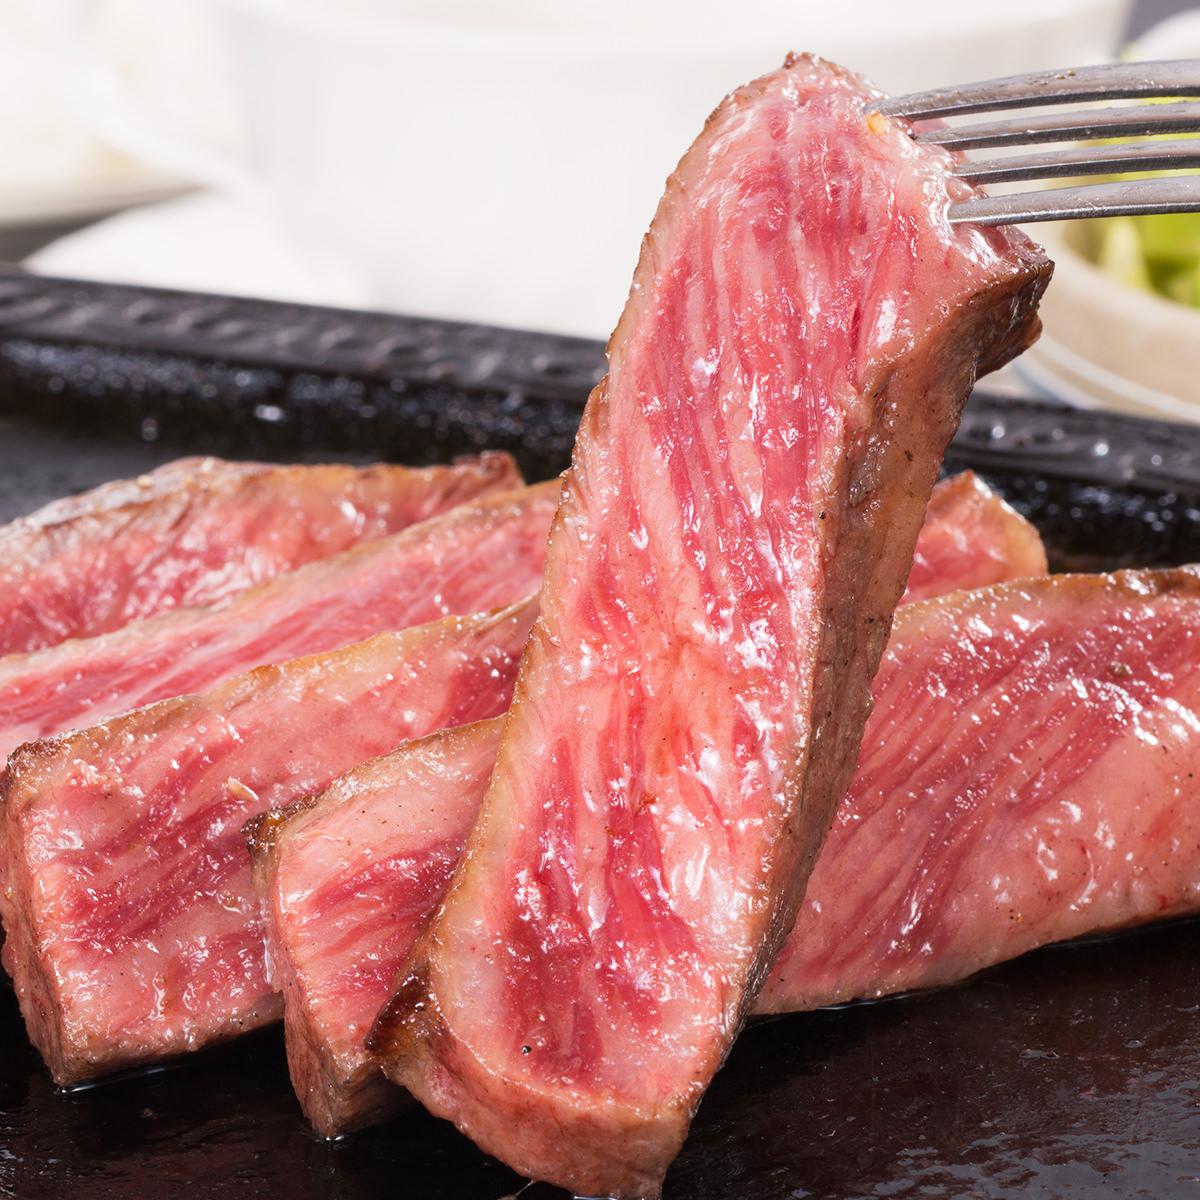 松阪牛 サーロインステーキ 2枚 木箱入 贈答用 〔サーロイン200g×2・ステーキ調味料20g〕 牛肉 三重 松阪まるよし